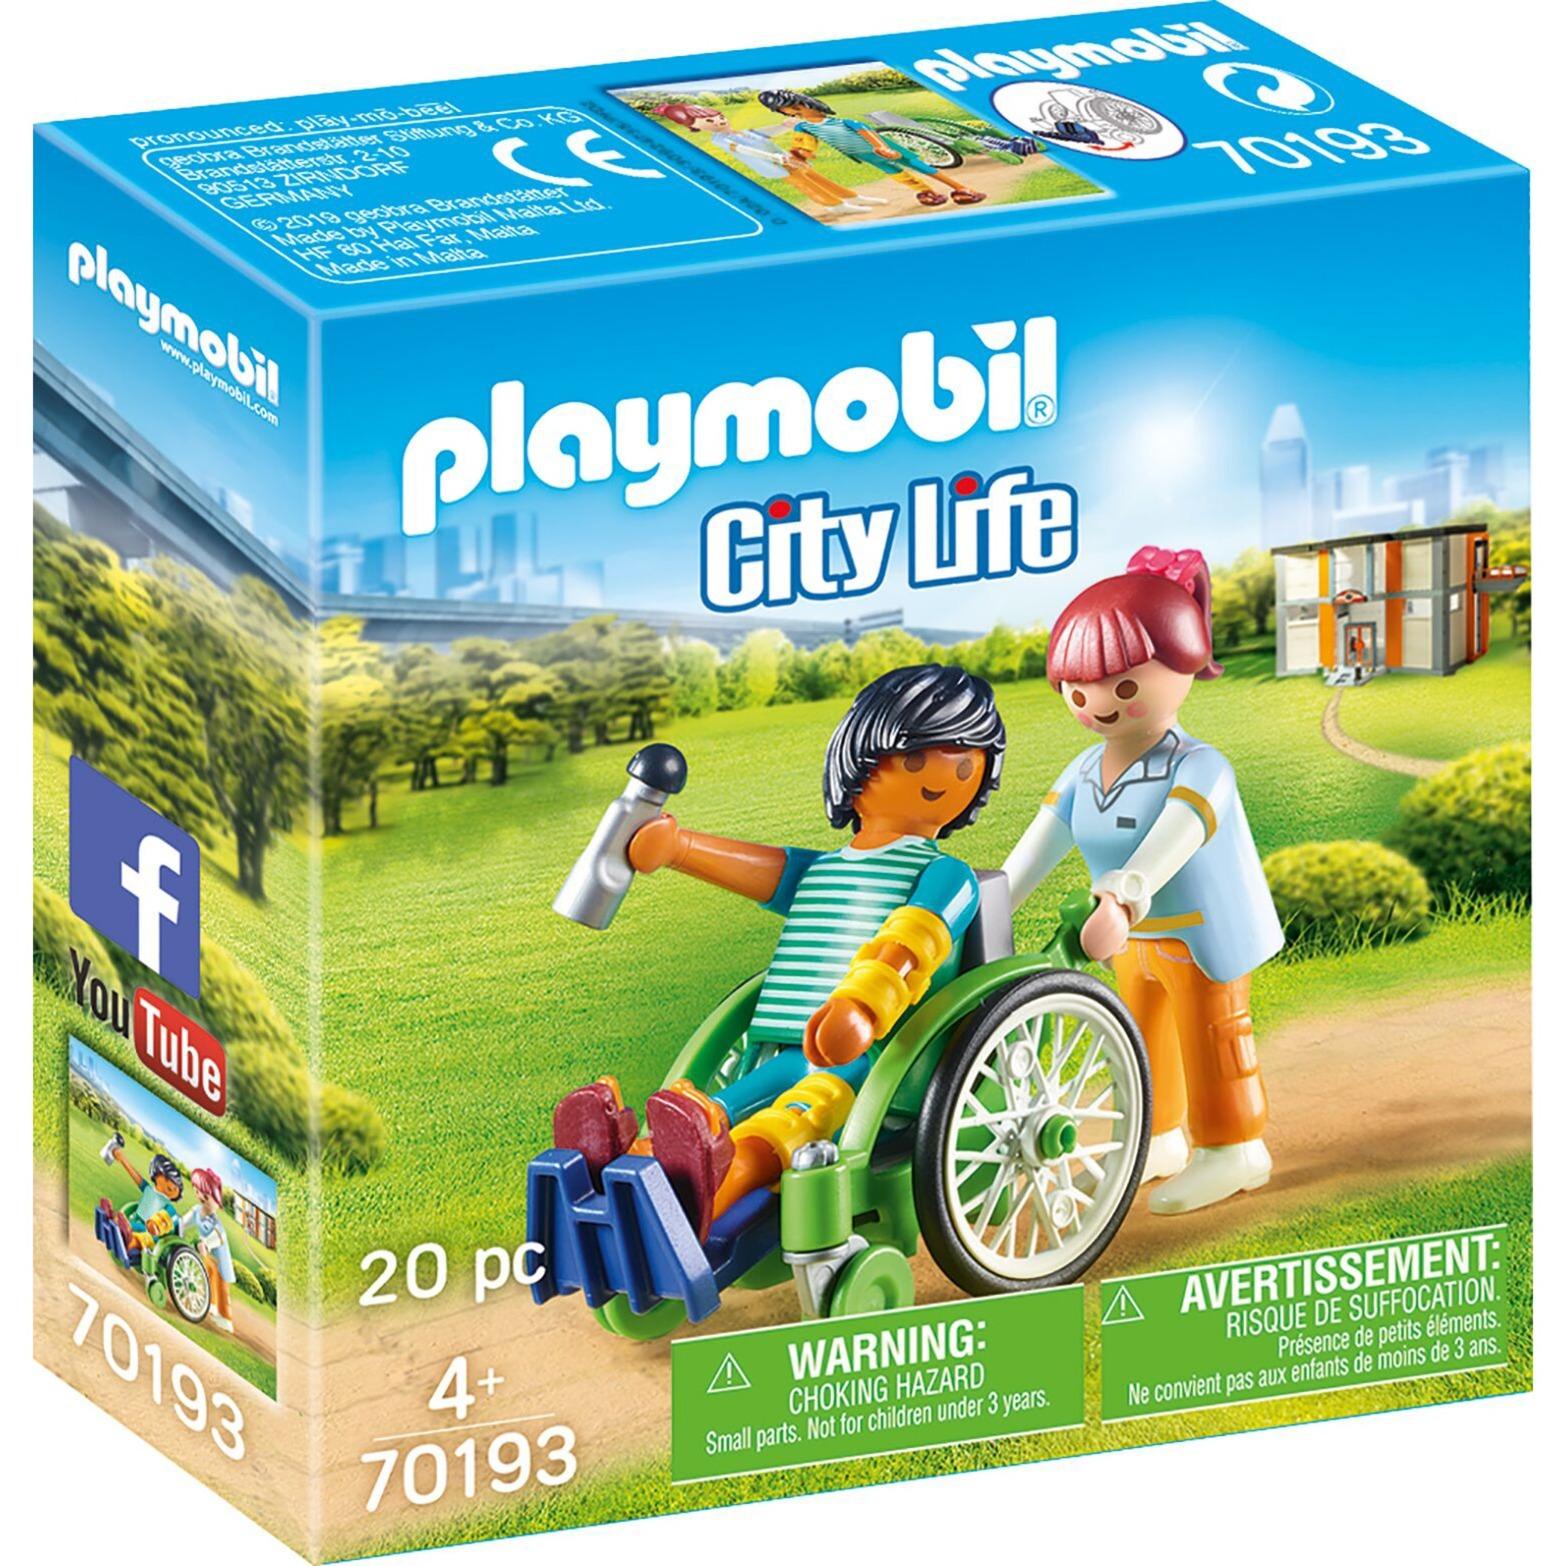 City Life 70193 set de juguetes, Juegos de construcción